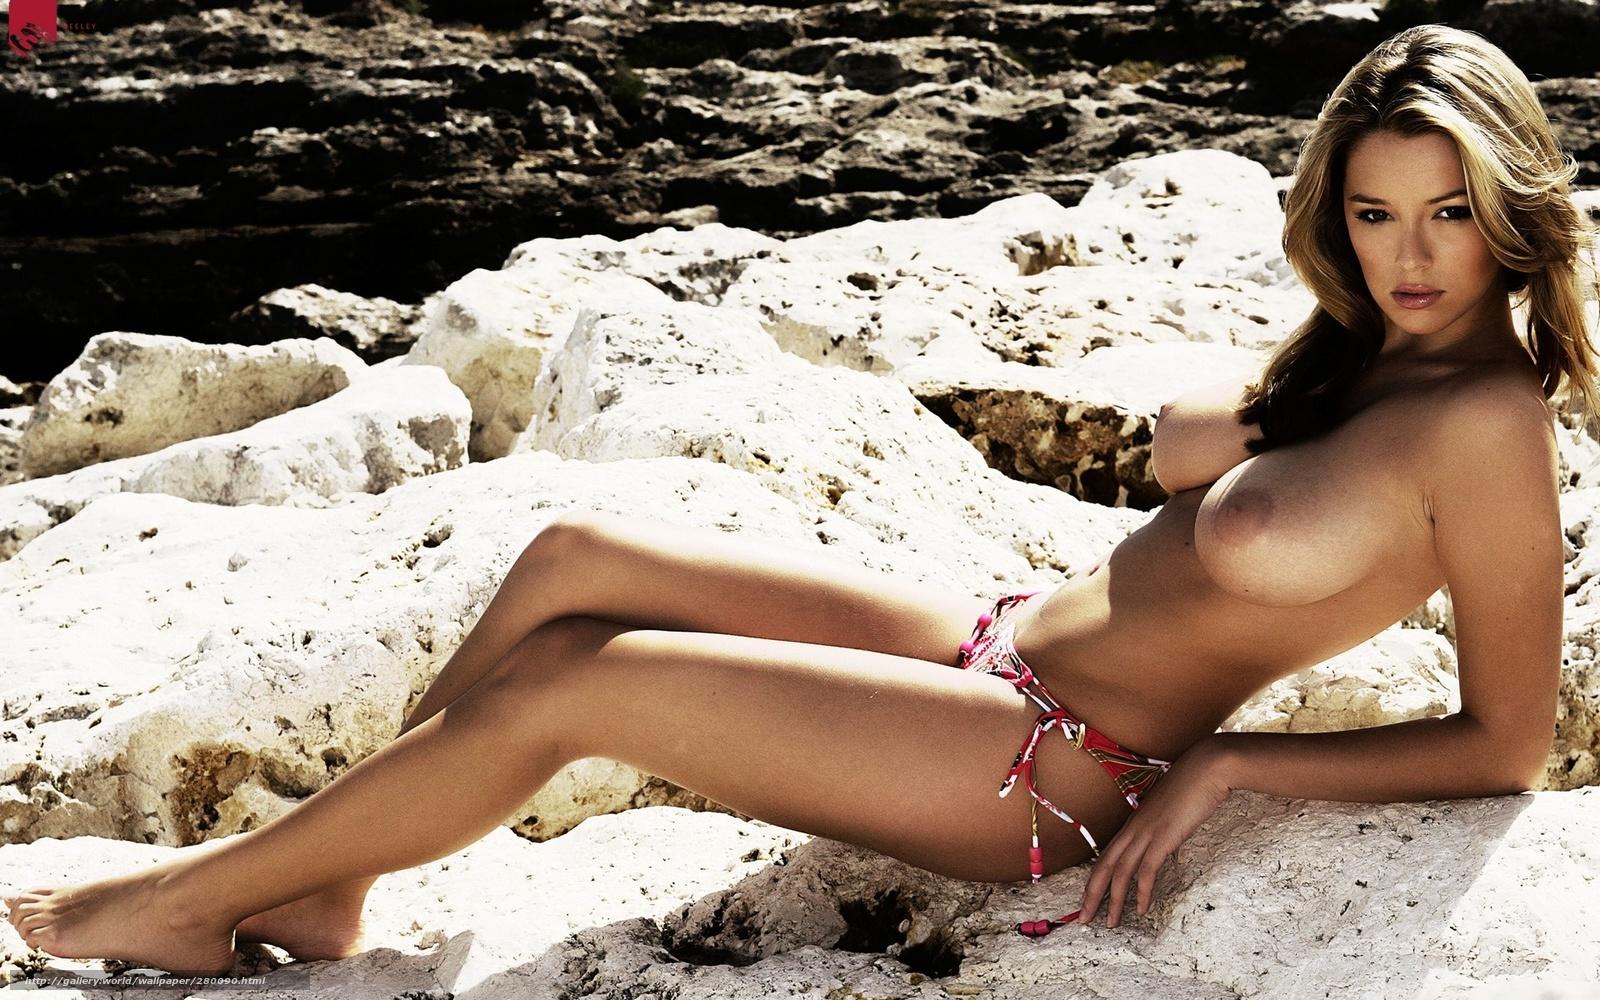 Фото красивых женщин голышом 25 фотография